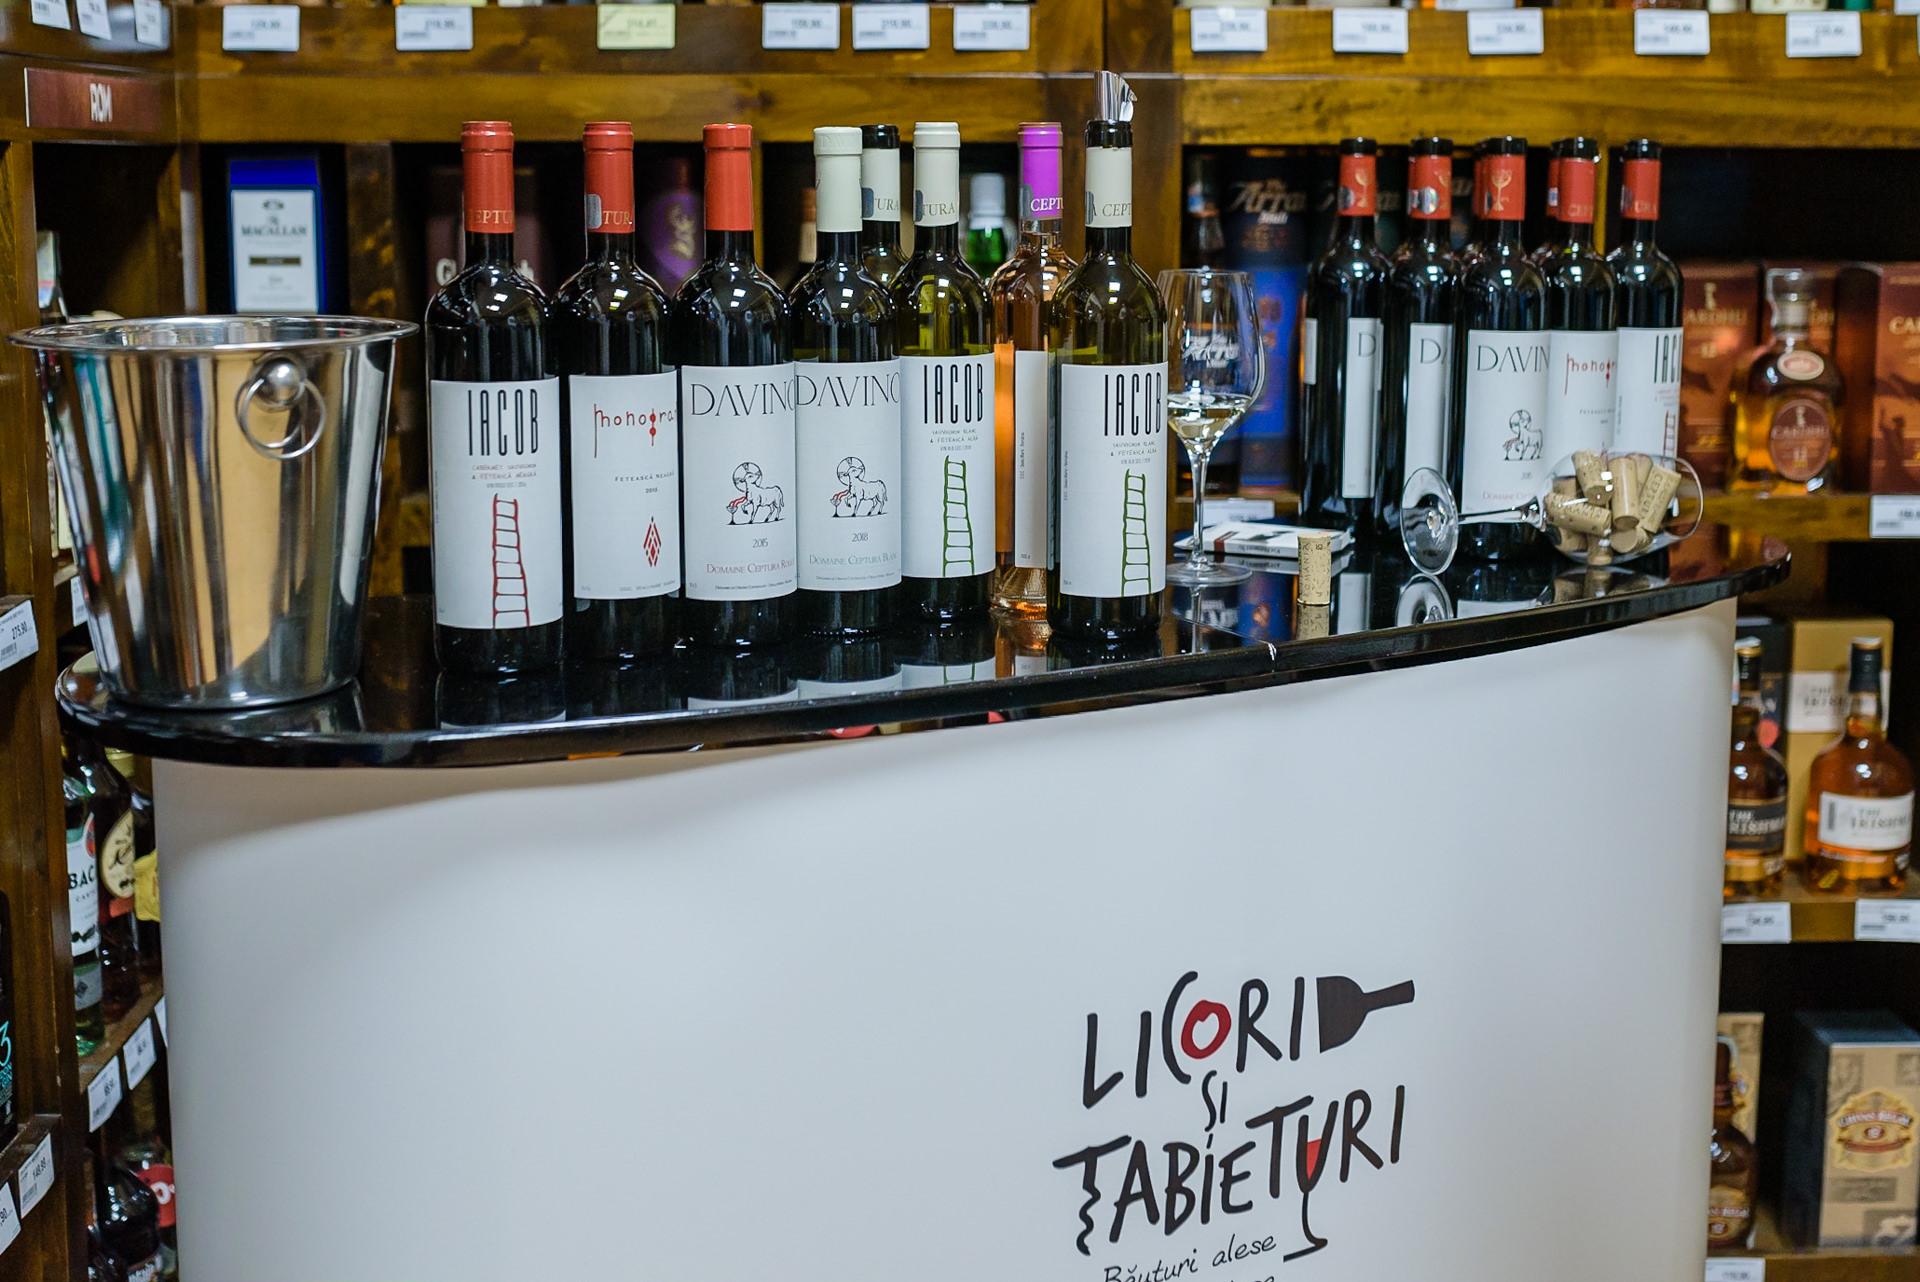 Cum a fost la… degustare de vin la Licori și Tabieturi